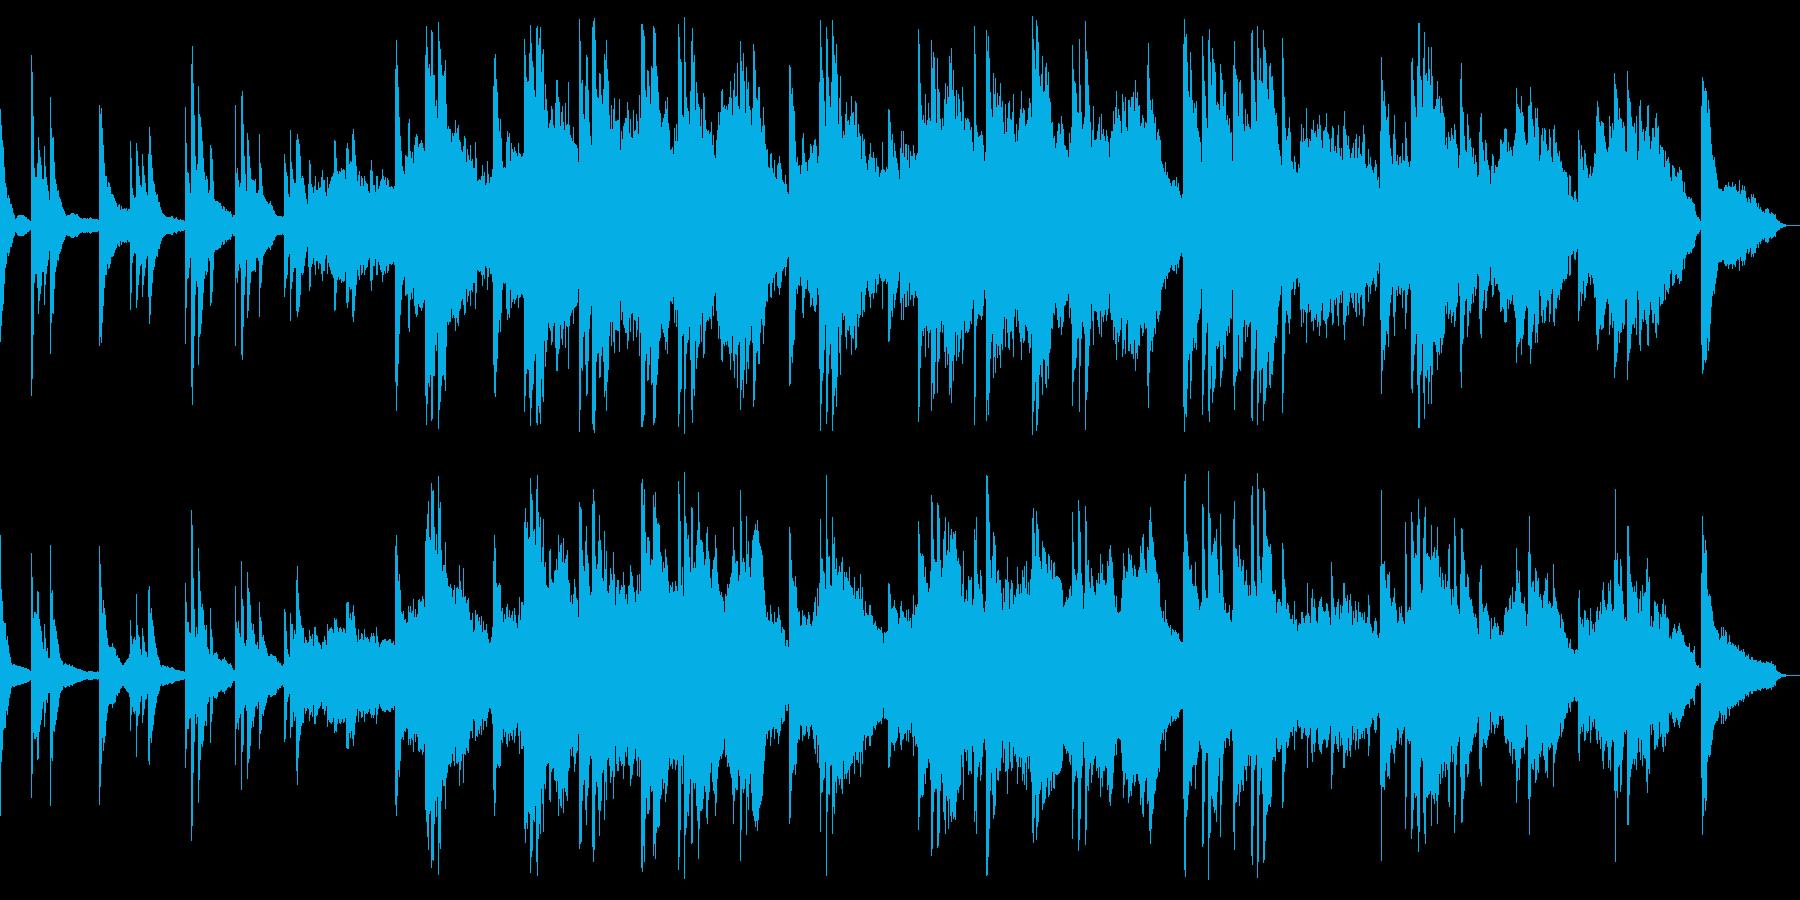 邪魔せず静かに彩るピアノインストバラードの再生済みの波形